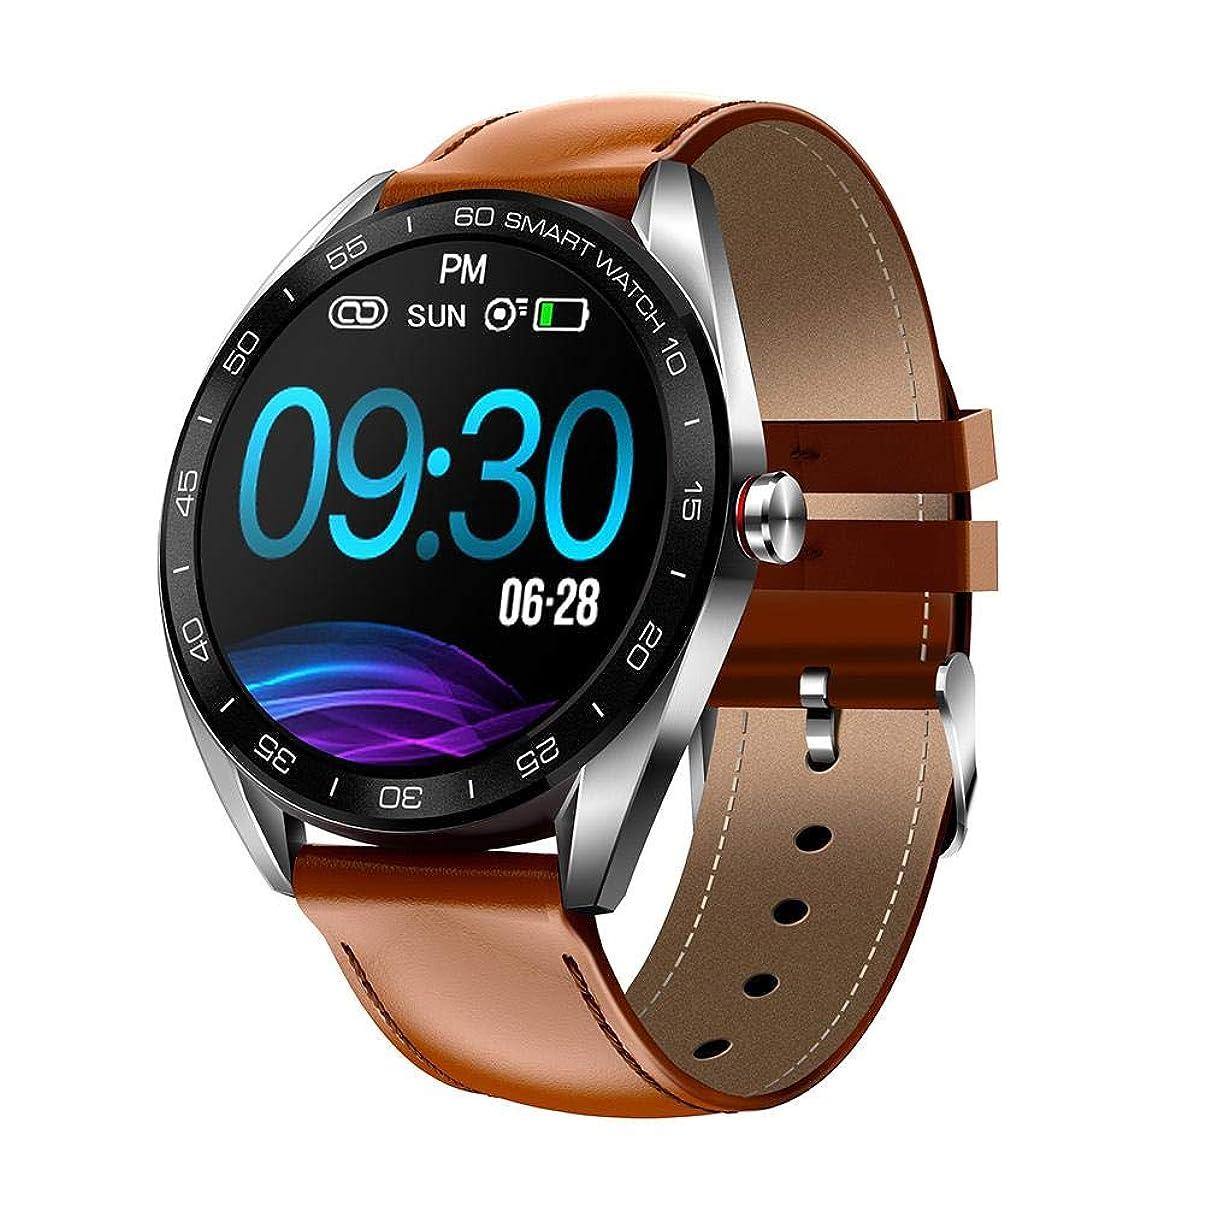 欠点連帯抑止するスマートウォッチ IP68防水 スマートブレスレット 活動量計 心拍計 歩数計 睡眠検測 消費カロリー 長い待機時間 IOS/Android対応